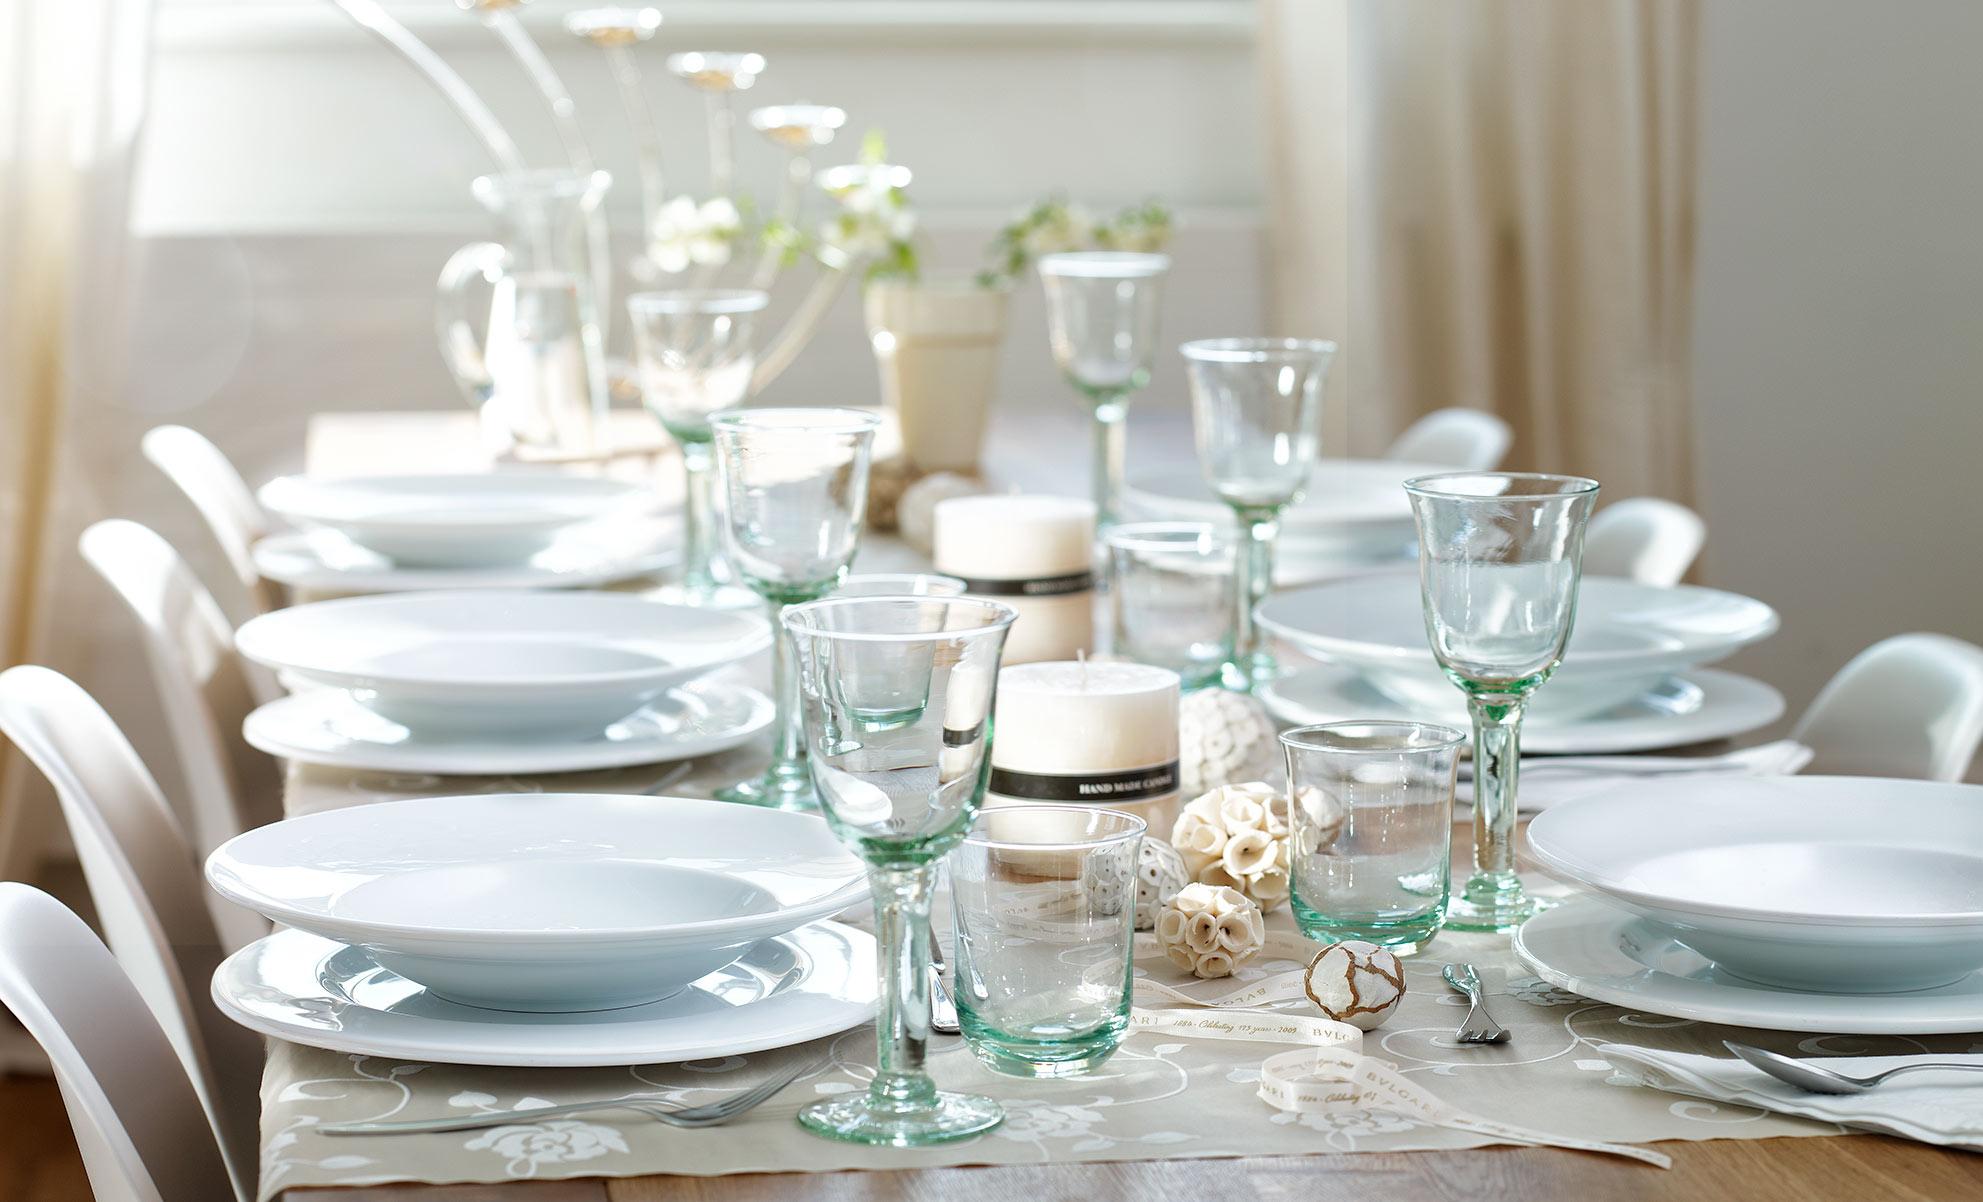 Home Living Dekoration Mit Weissem Porzelan Glaesern Gedeckter Tisch